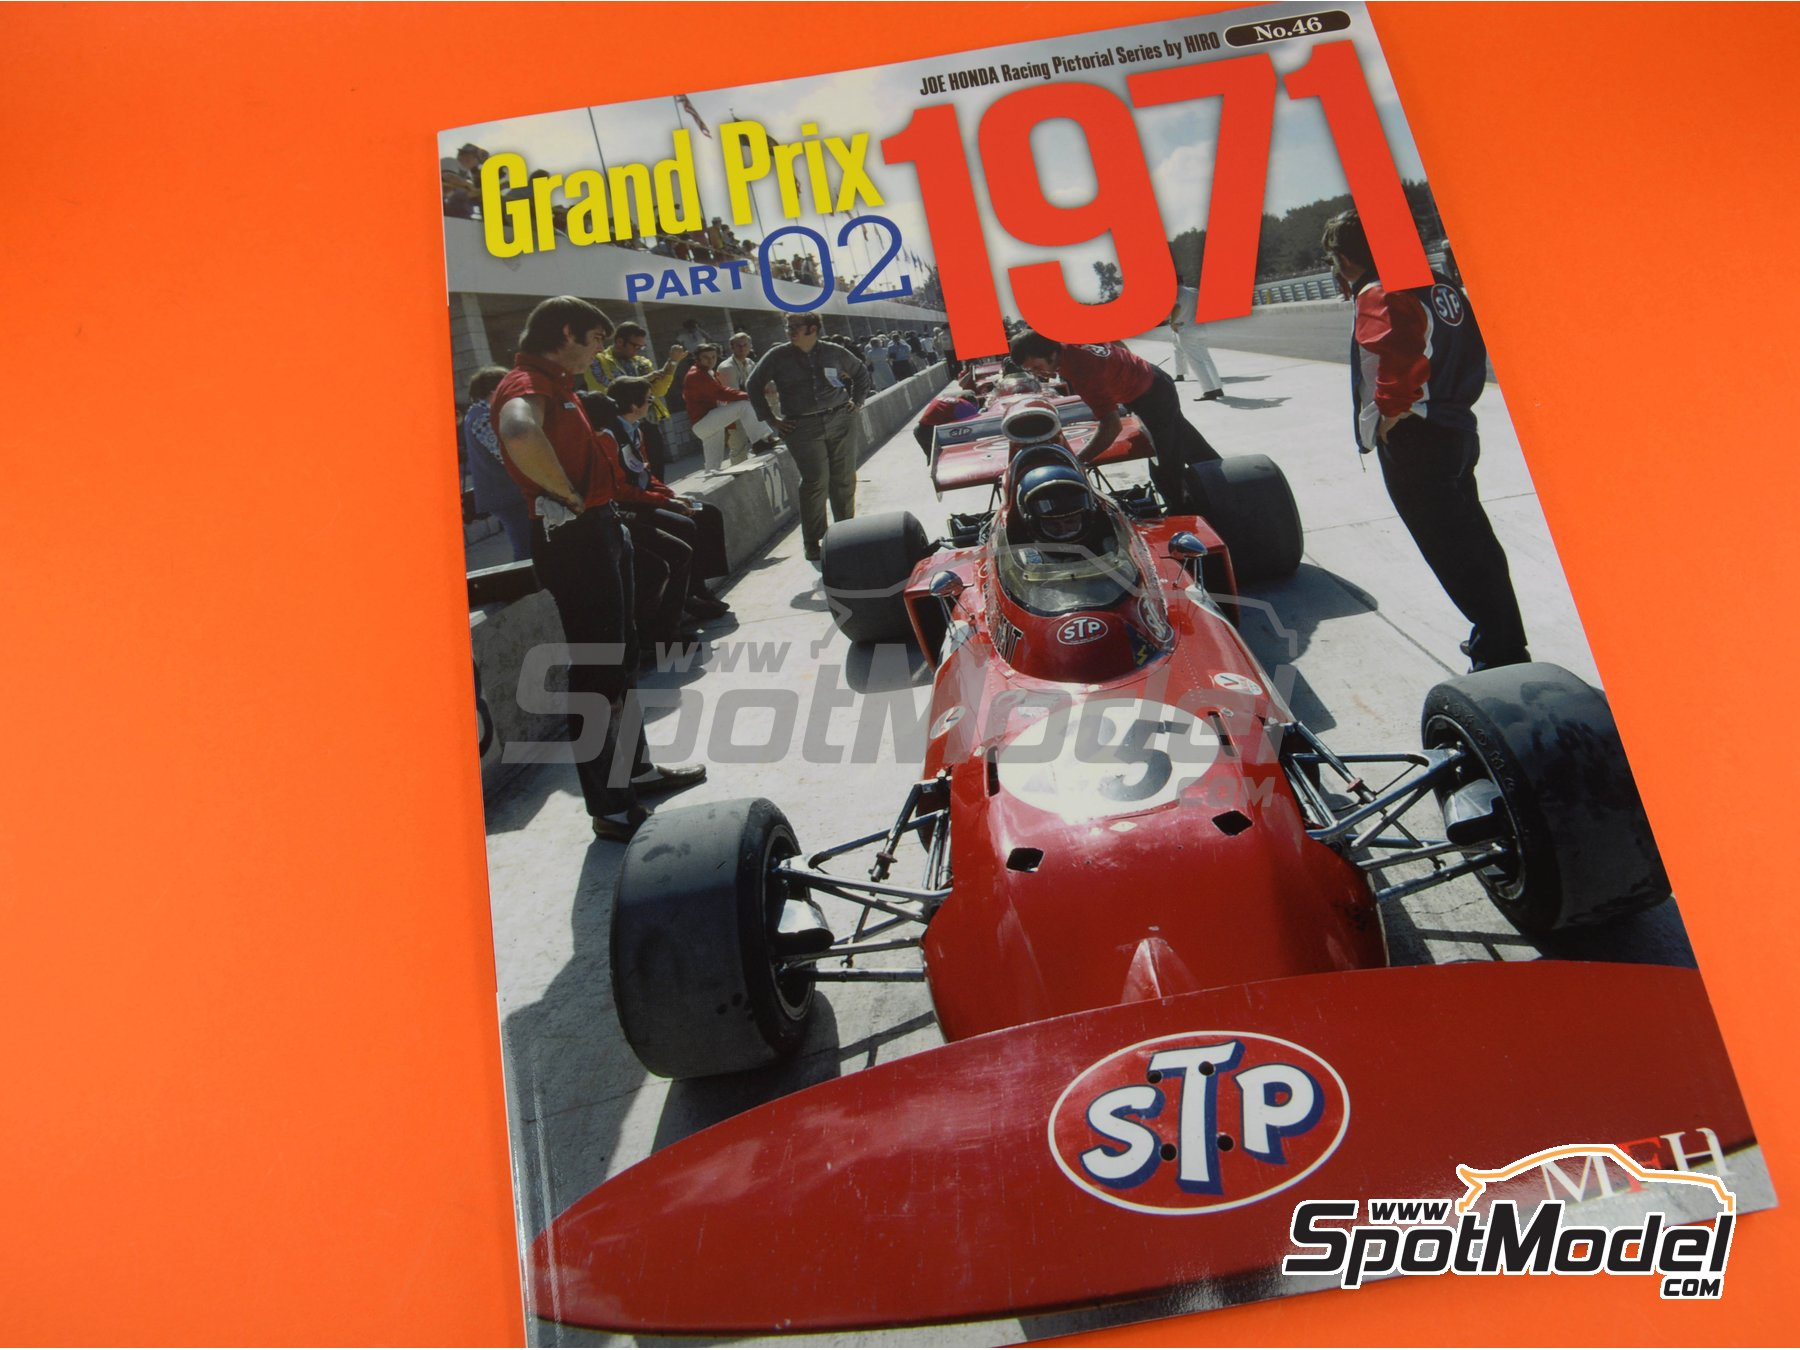 Image 1: Joe Honda Racing Pictorial Series: Grand Prix, parte 2 -  1971 | Libro de referencia fabricado por Model Factory Hiro (ref.MFH-JH46)